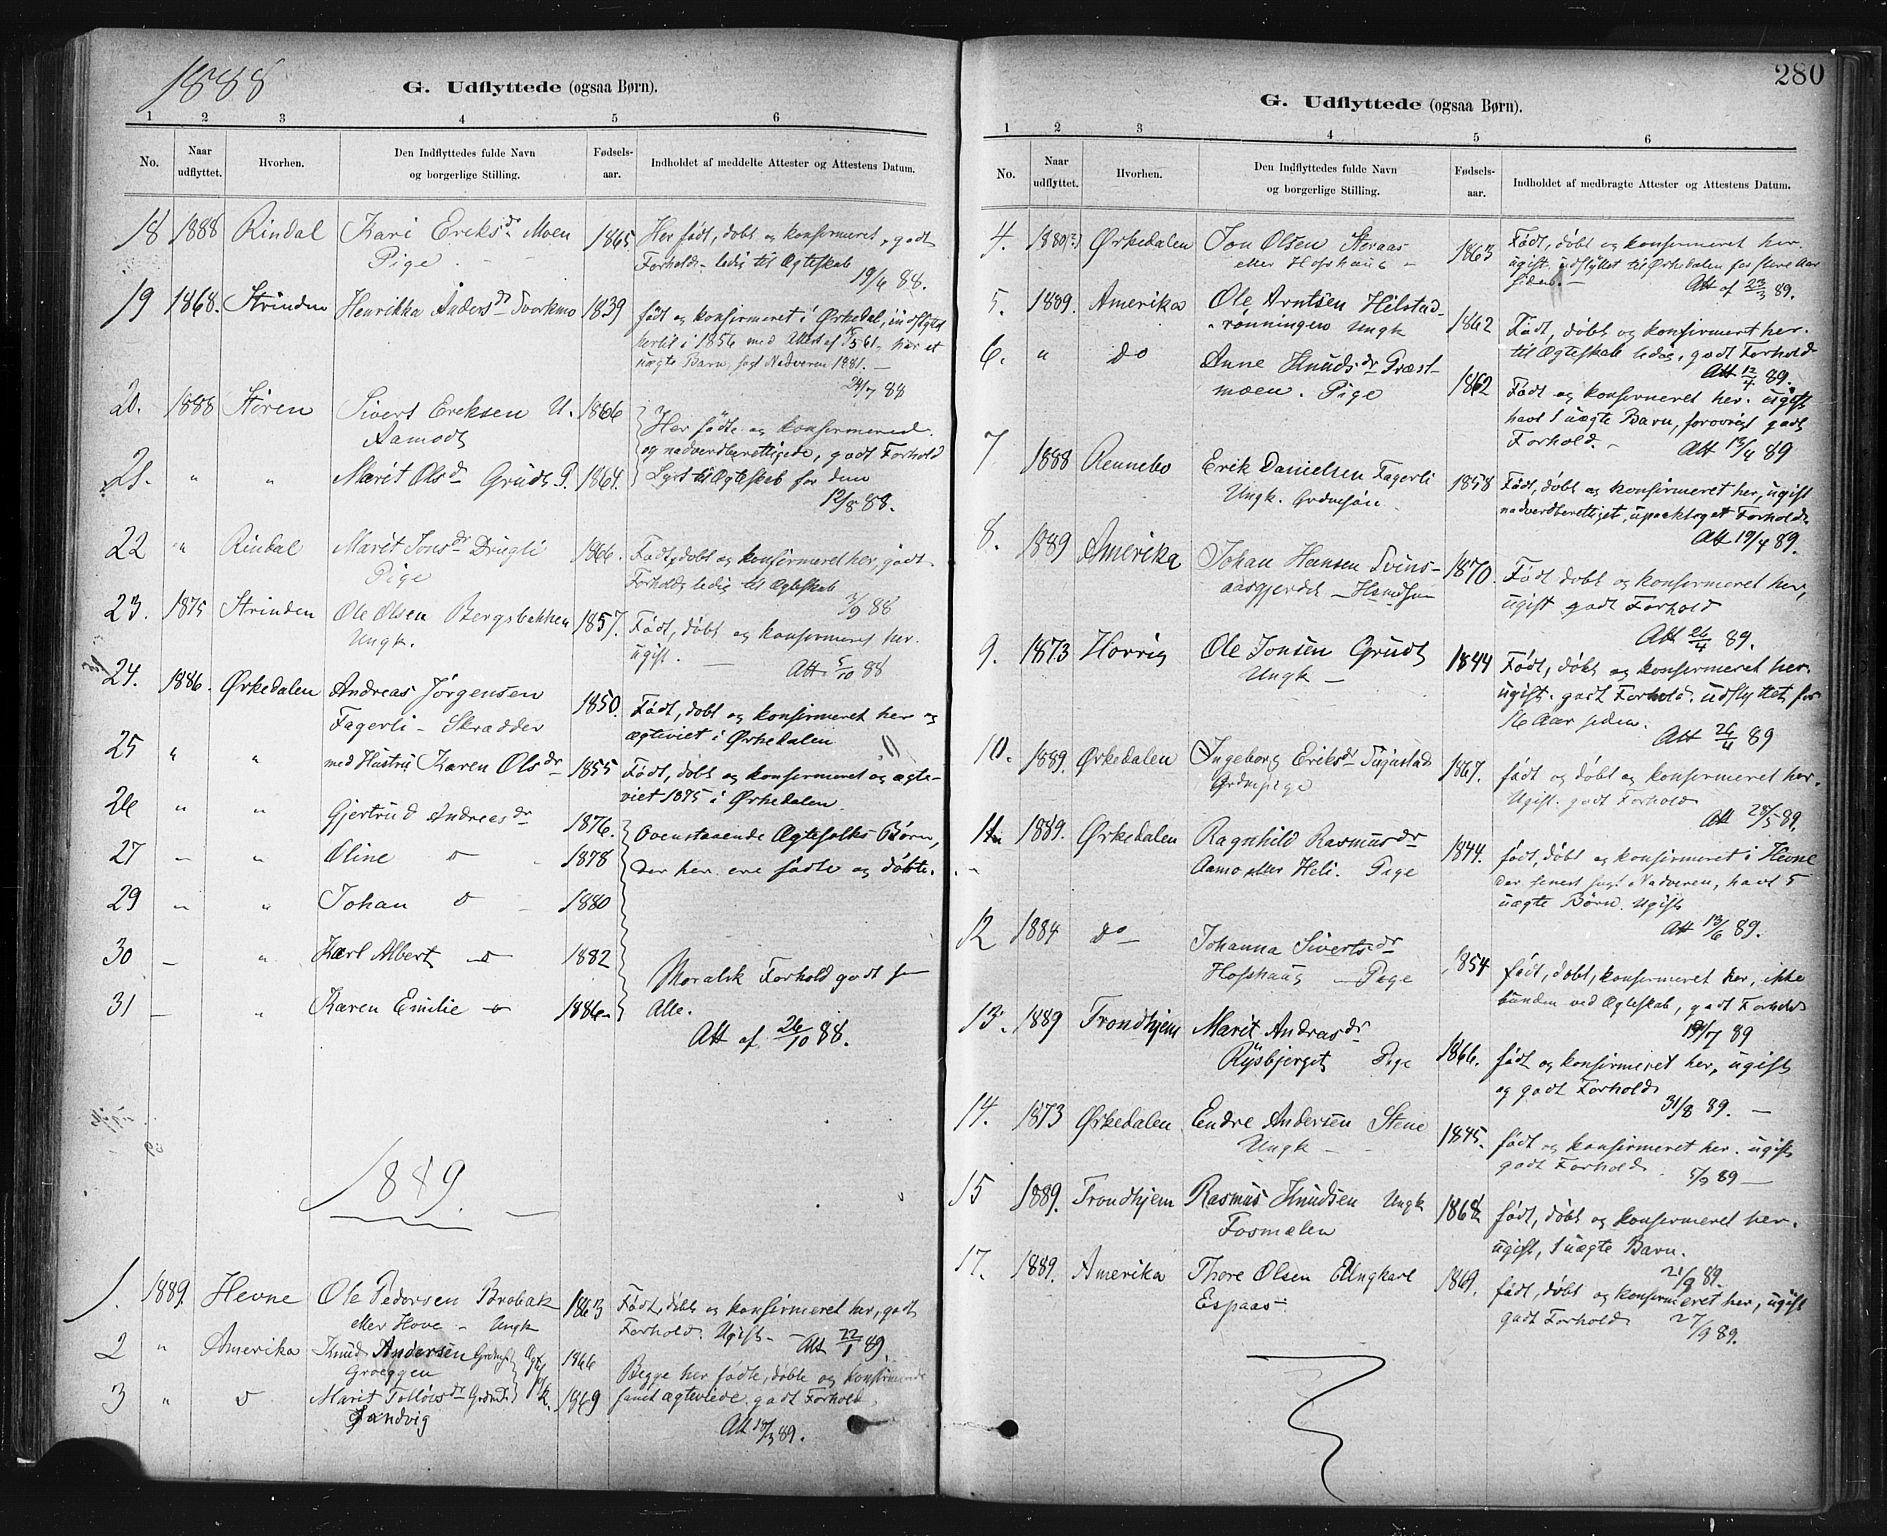 SAT, Ministerialprotokoller, klokkerbøker og fødselsregistre - Sør-Trøndelag, 672/L0857: Ministerialbok nr. 672A09, 1882-1893, s. 280